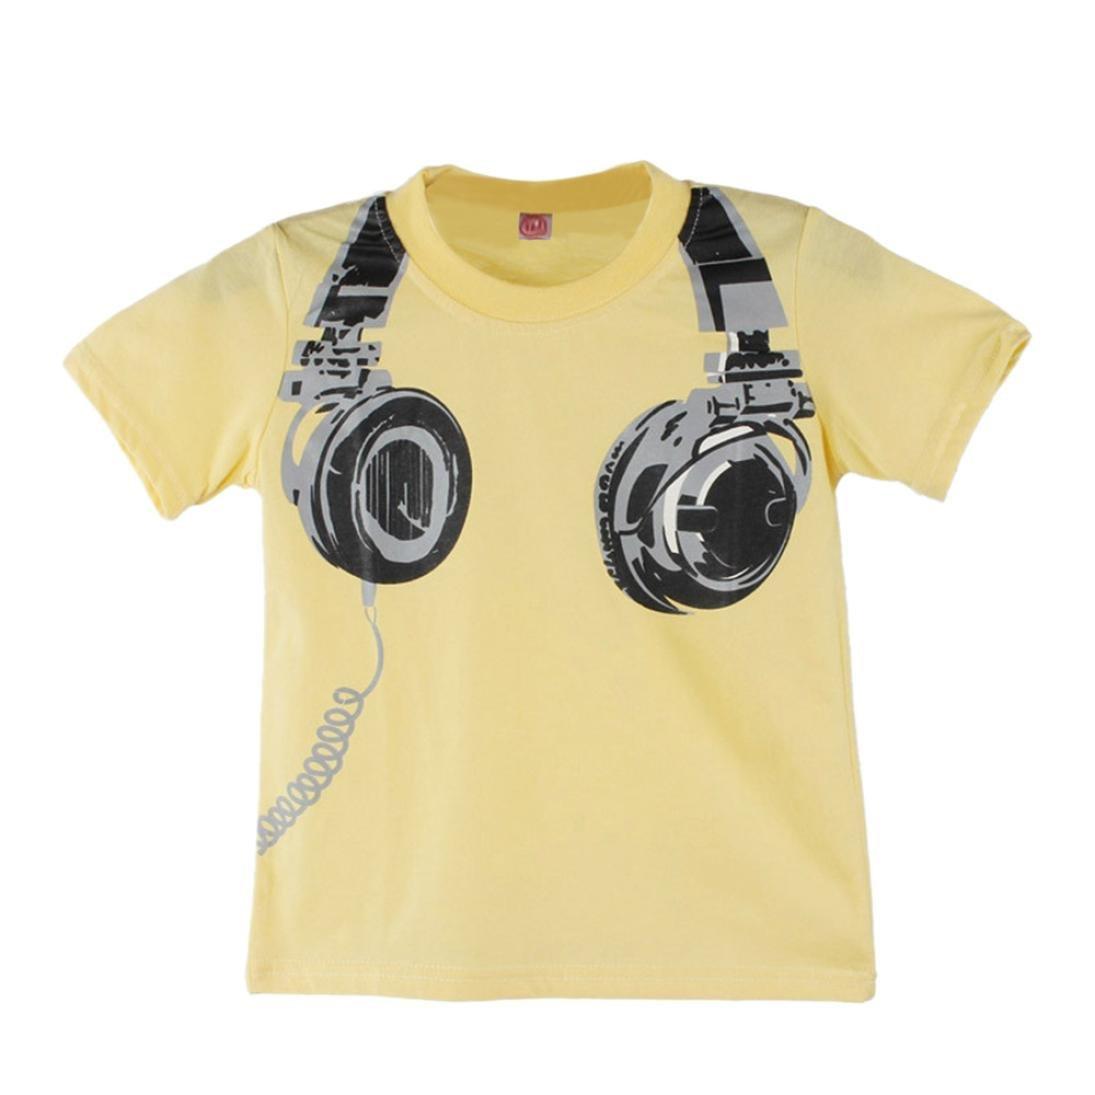 Camiseta Bebé, ❤️Xinantime Niño Niños Blusas Camiseta Camisetas Ropa Tops de manga corta para auriculares casuales de verano 1-6 años Xinantime_3439